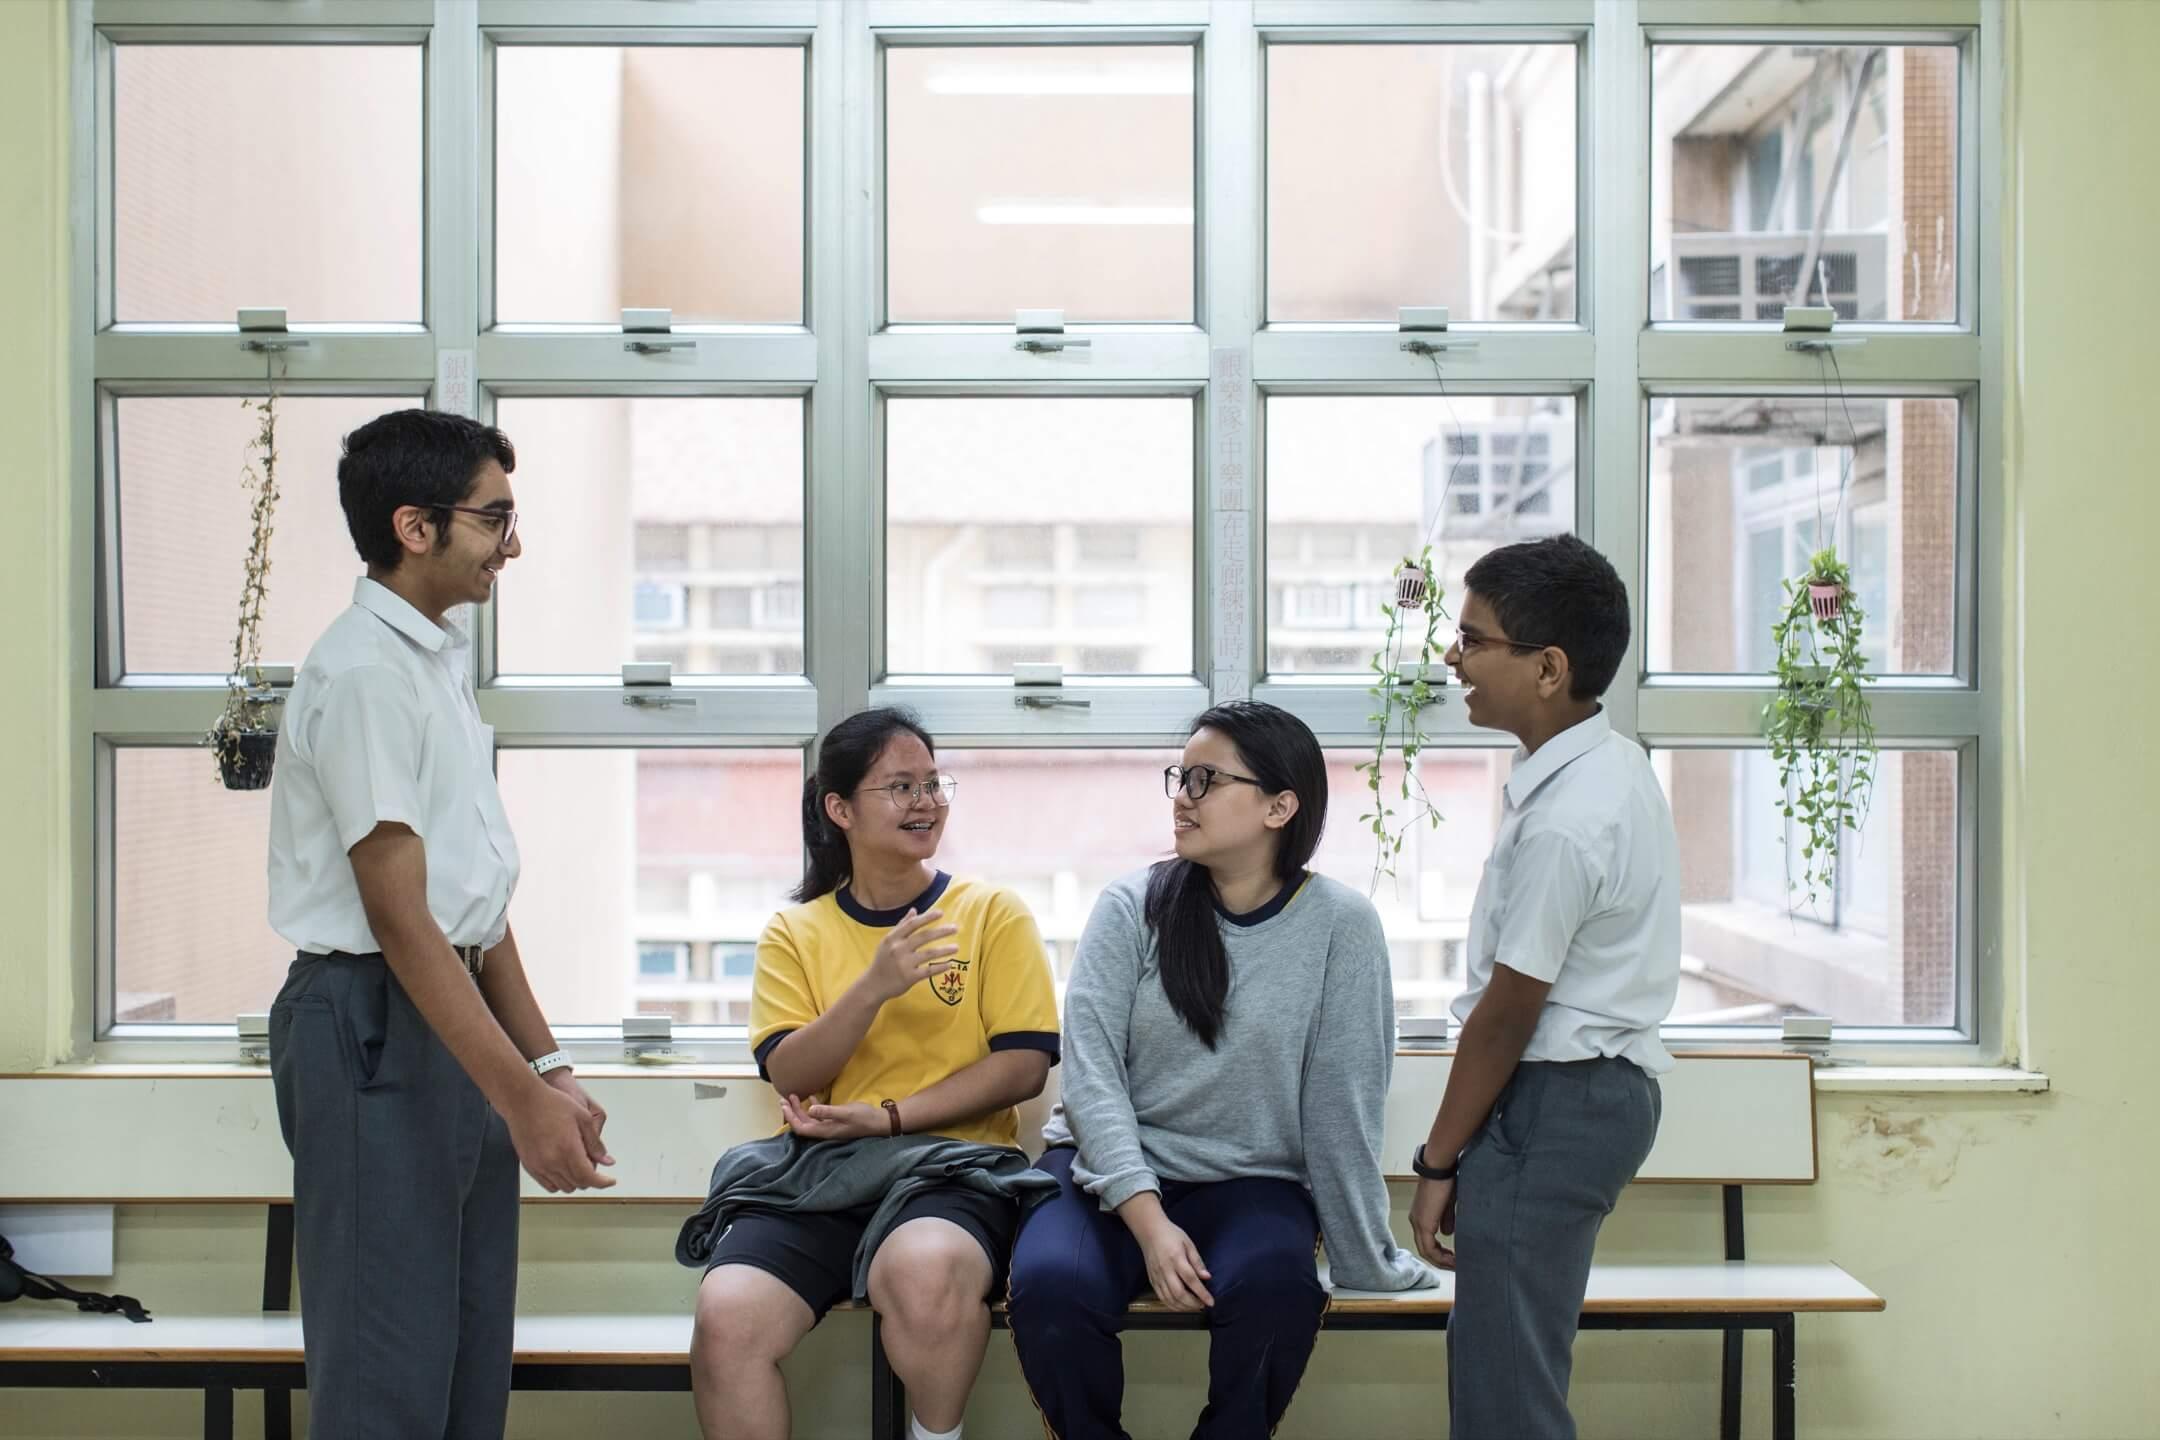 地利亞修女紀念中學(吉利徑)因其辦學機構一直有招收基層少數族裔學生的傳統,故2010年起開始招非華語學生,現在少數族裔學生是學校的大多數。由於學生背景多元,故現時授課語言為英文。 攝:Stanley Leung/端傳媒